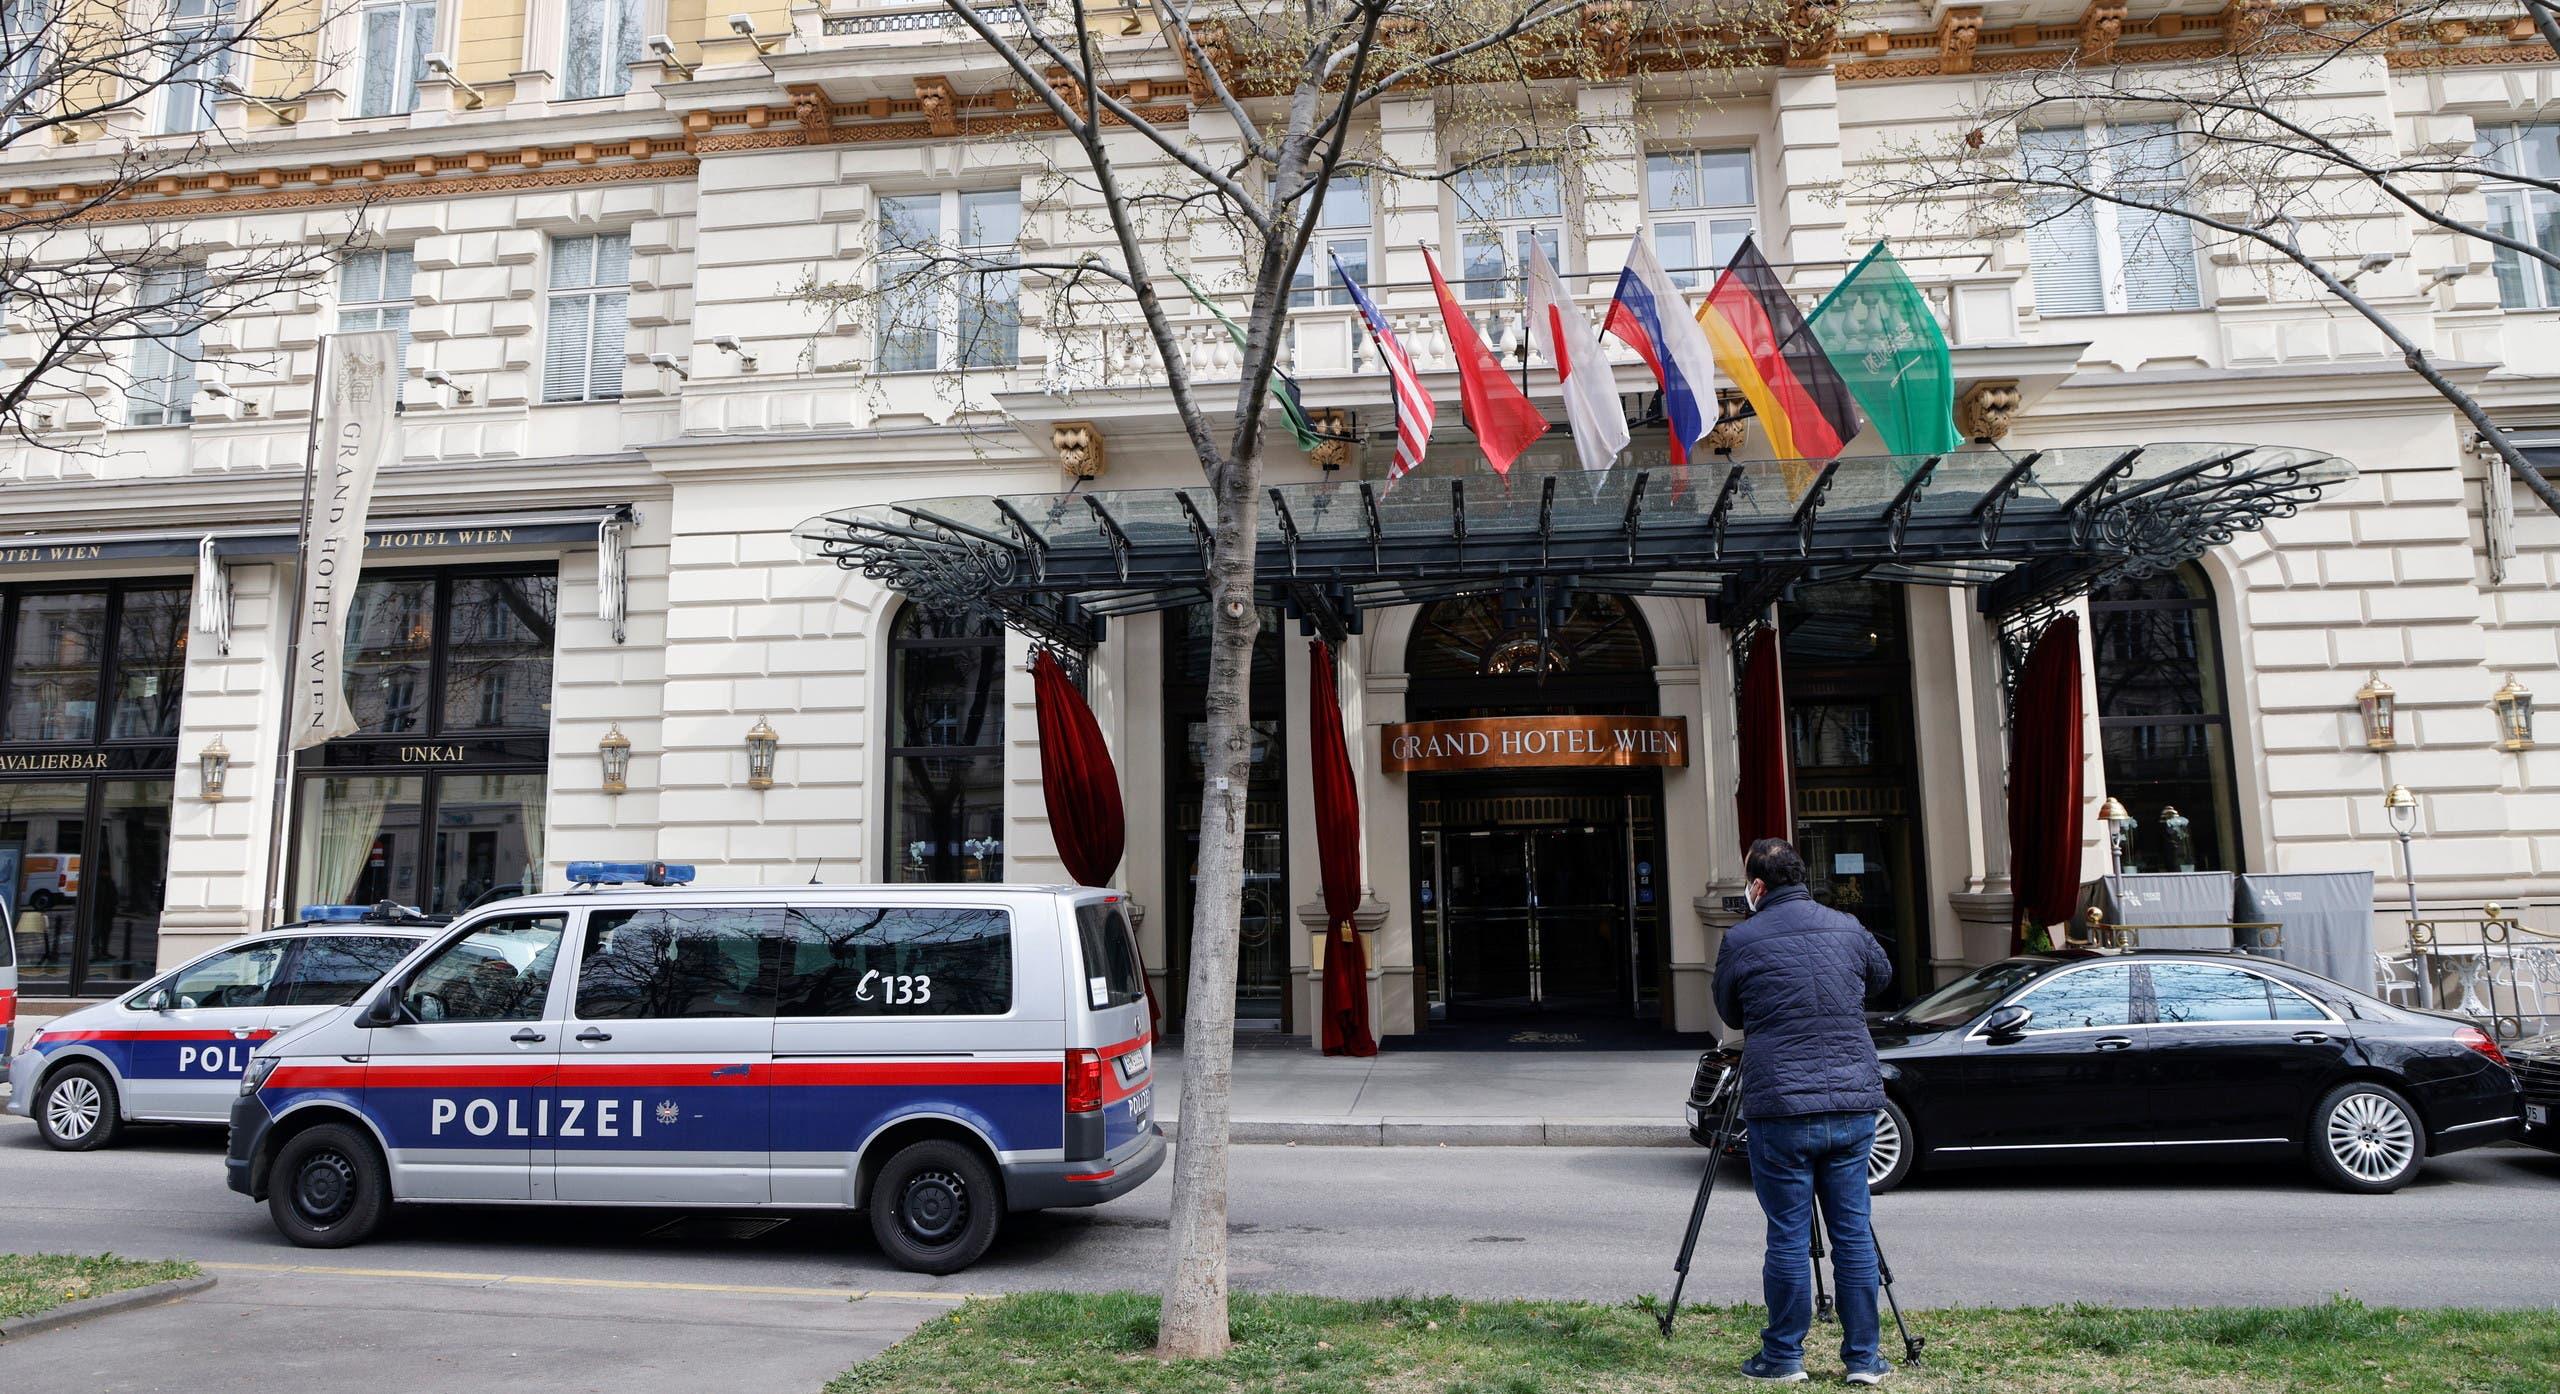 گراند هتل در وین - محل برگزاری مذاکرات